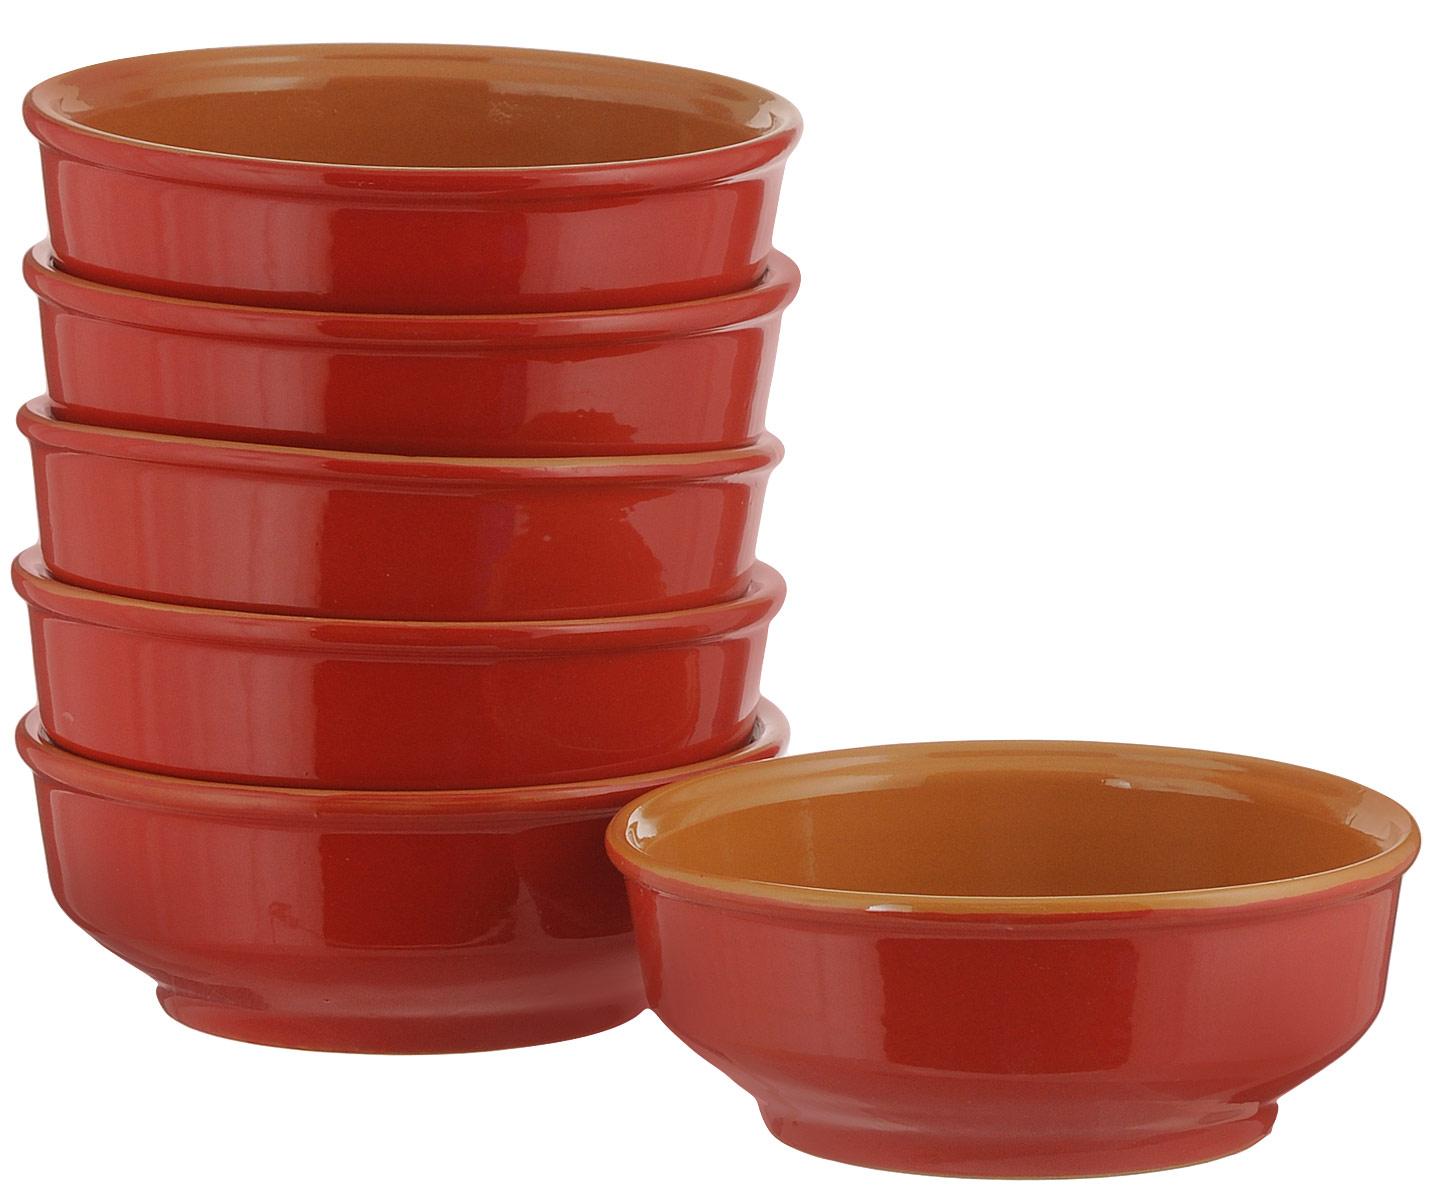 Миска Борисовская керамика Красный, 500 мл, 6 штКРС14456756Набор 6 мисок Русских мал. (к) КРС14456756. Материал: Керамика. Объем: 0,3